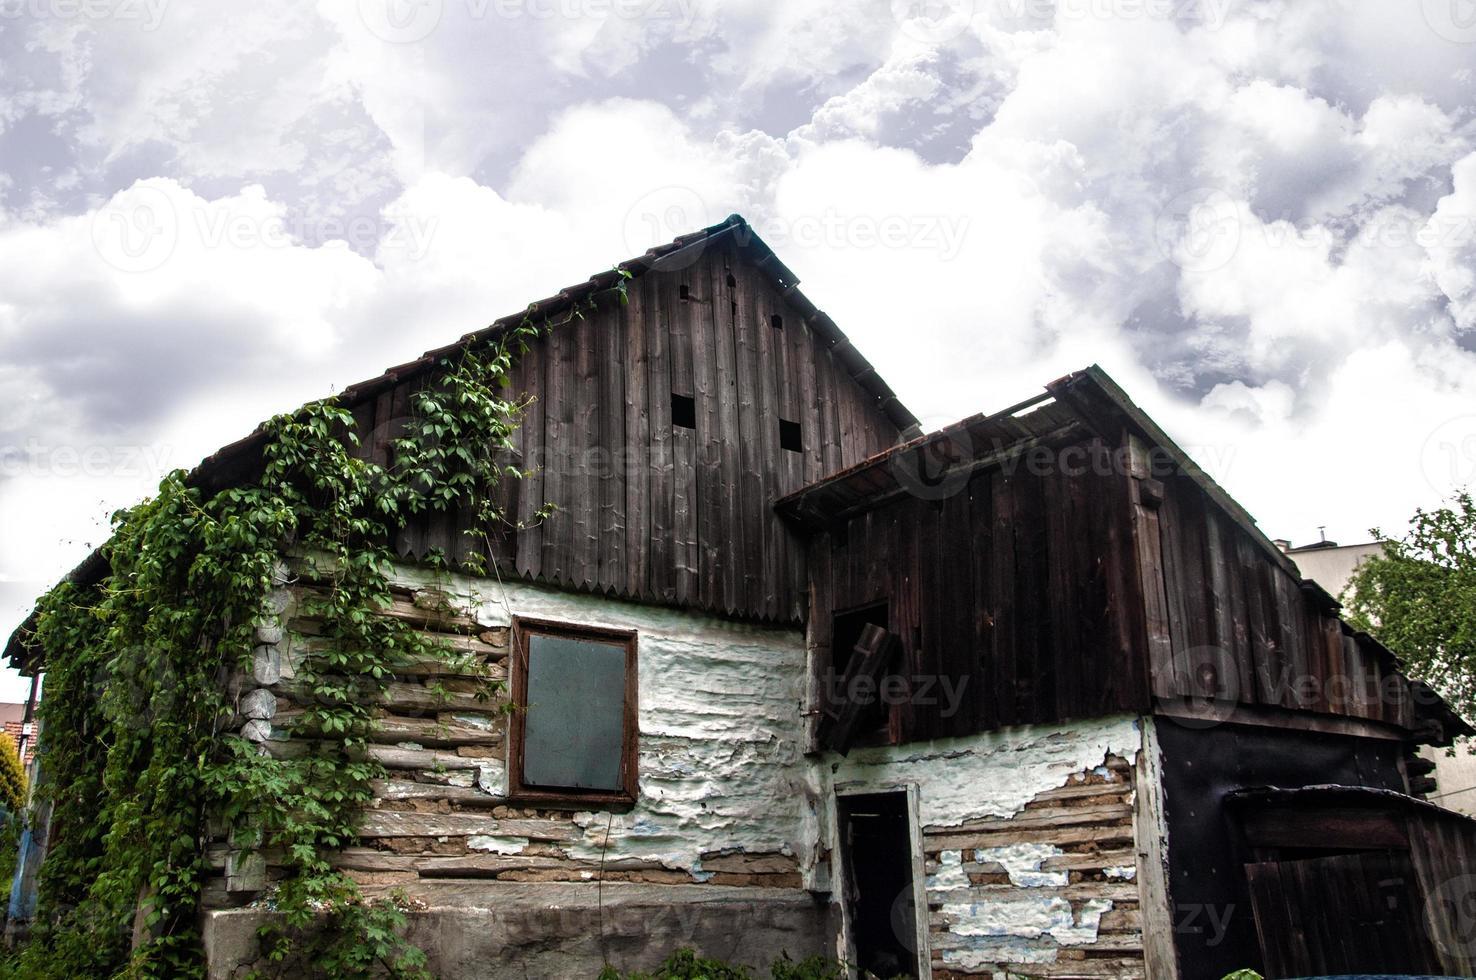 casa velha vazia foto